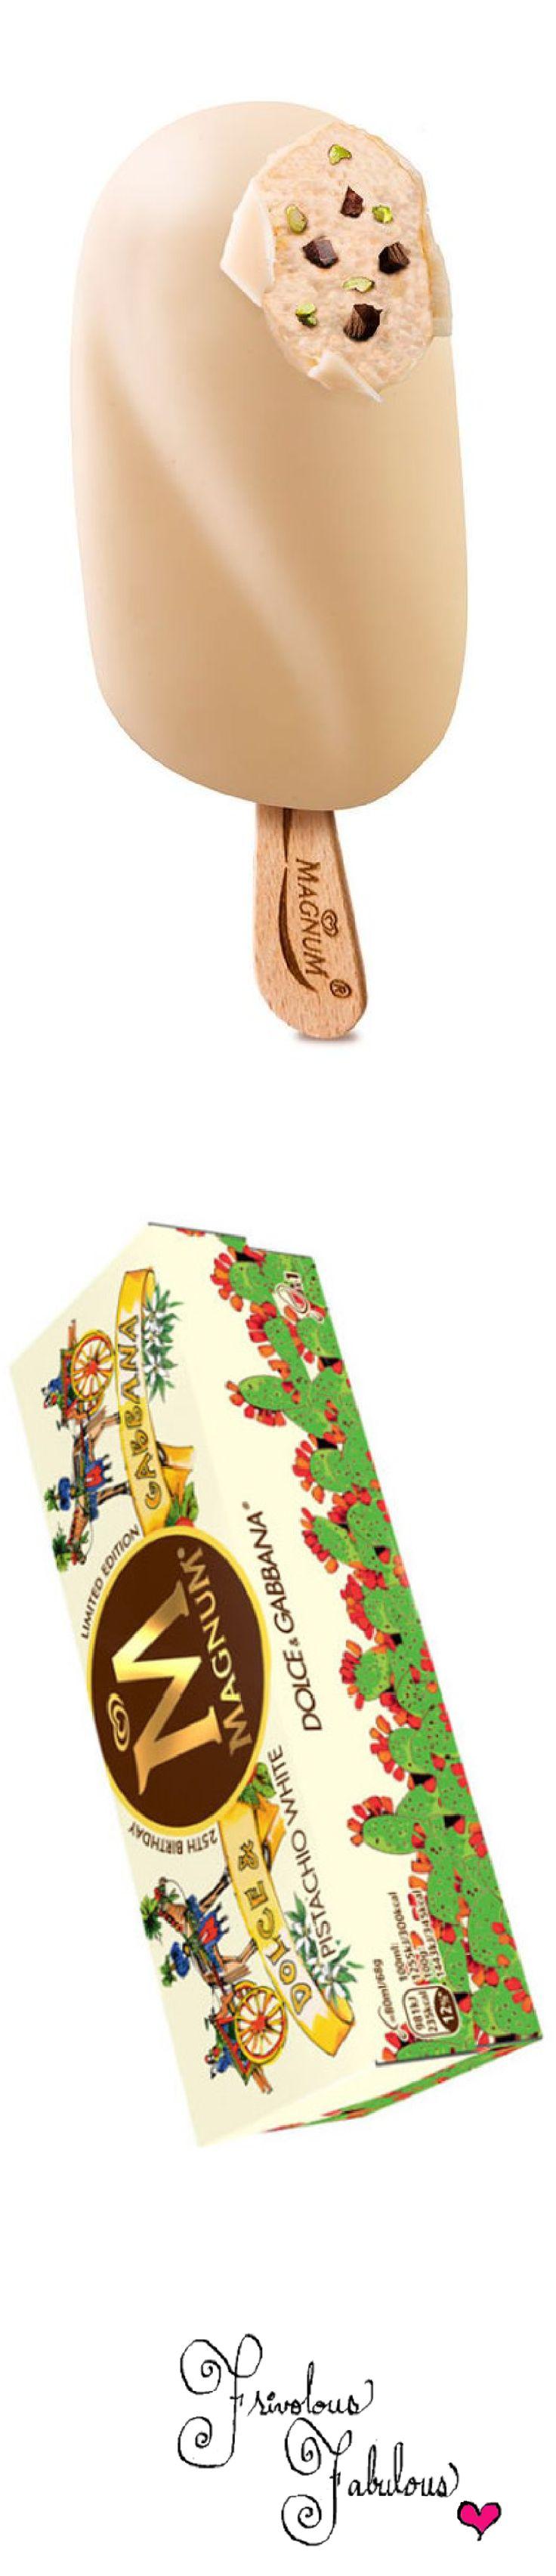 3a6004f22a3d843798c9f3207e4e2730--magnum-ice-cream-dolce-gabbana Elegantes 3 Zimmer Wohnung Lörrach Dekorationen